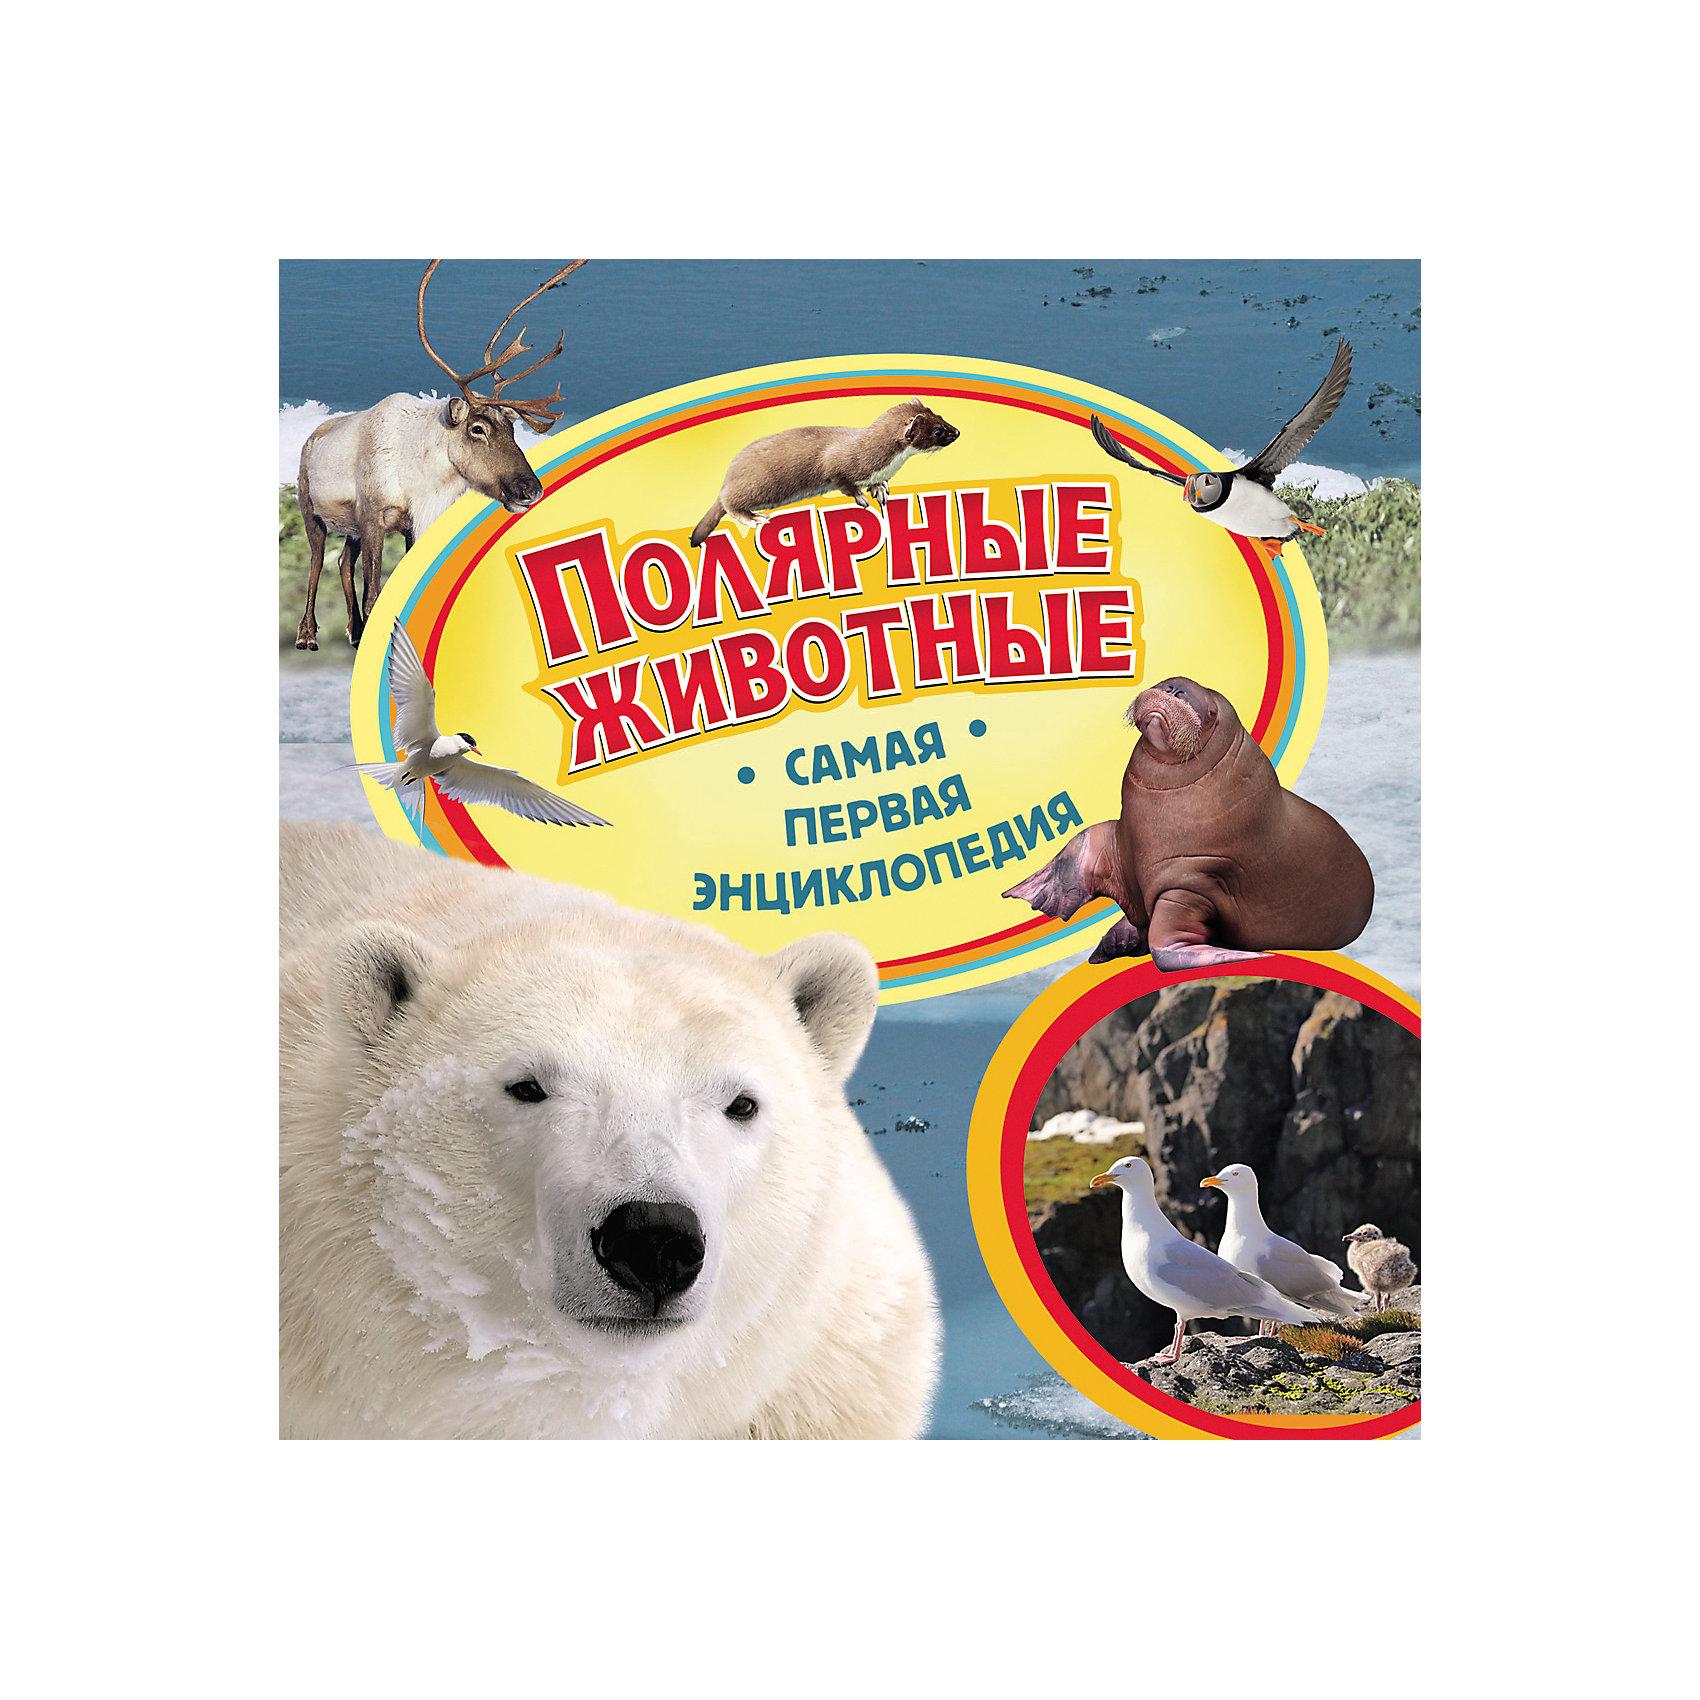 все цены на Росмэн Полярные животные, Самая первая энциклопедия в интернете